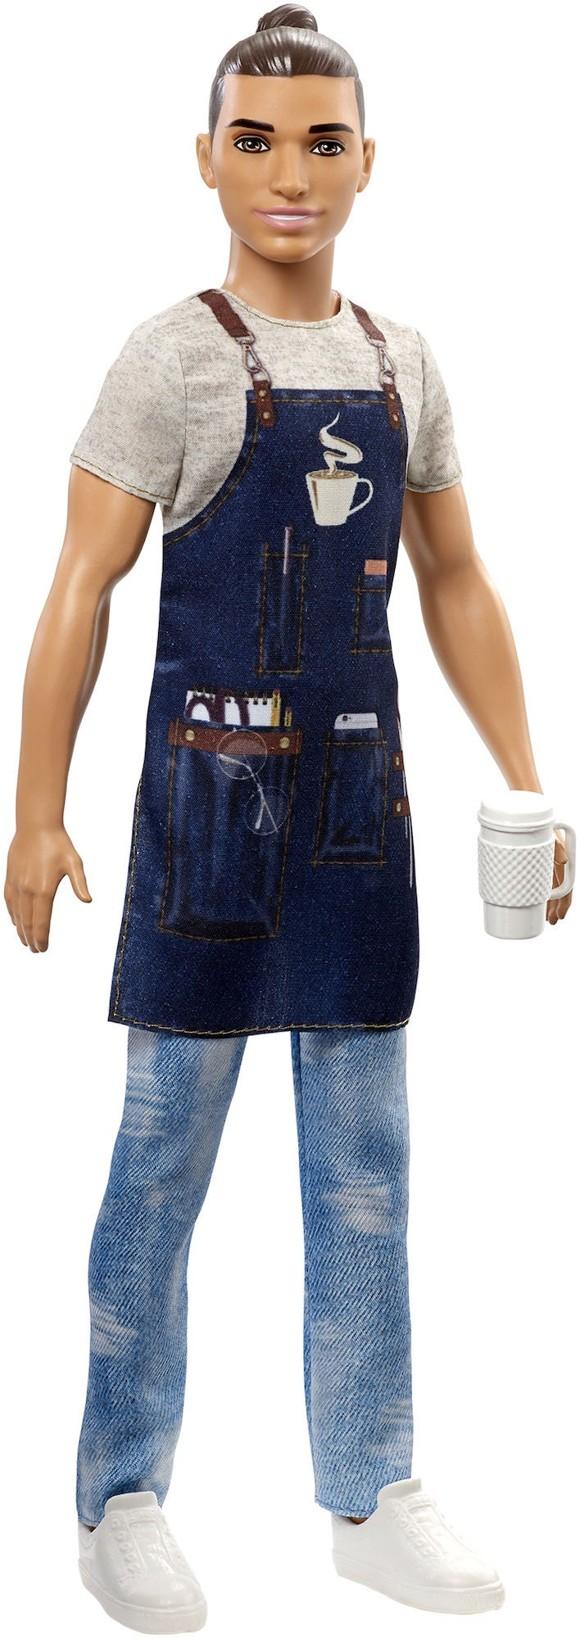 Barbie - Ken Career Doll - Barista Ken (FXP03)